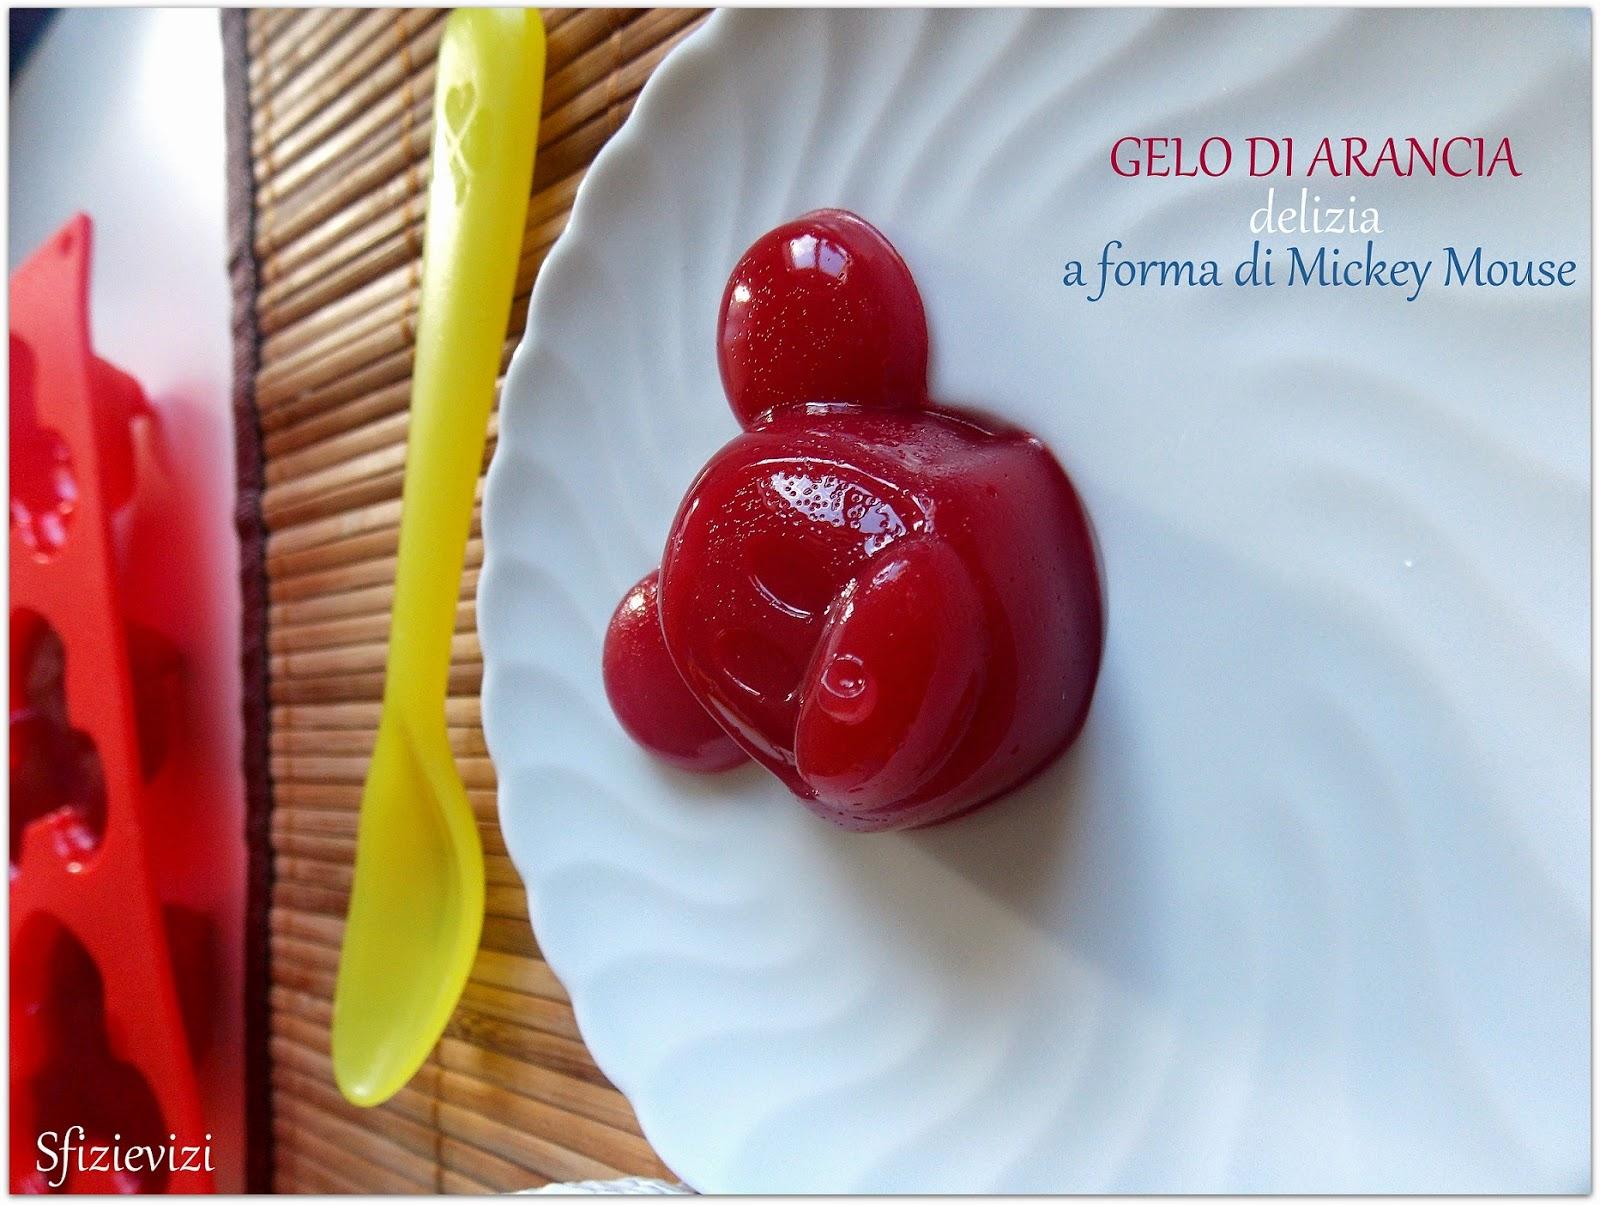 gelo d'arancia a forma di mickey mouse - ricetta velocissima e senza zucchero -